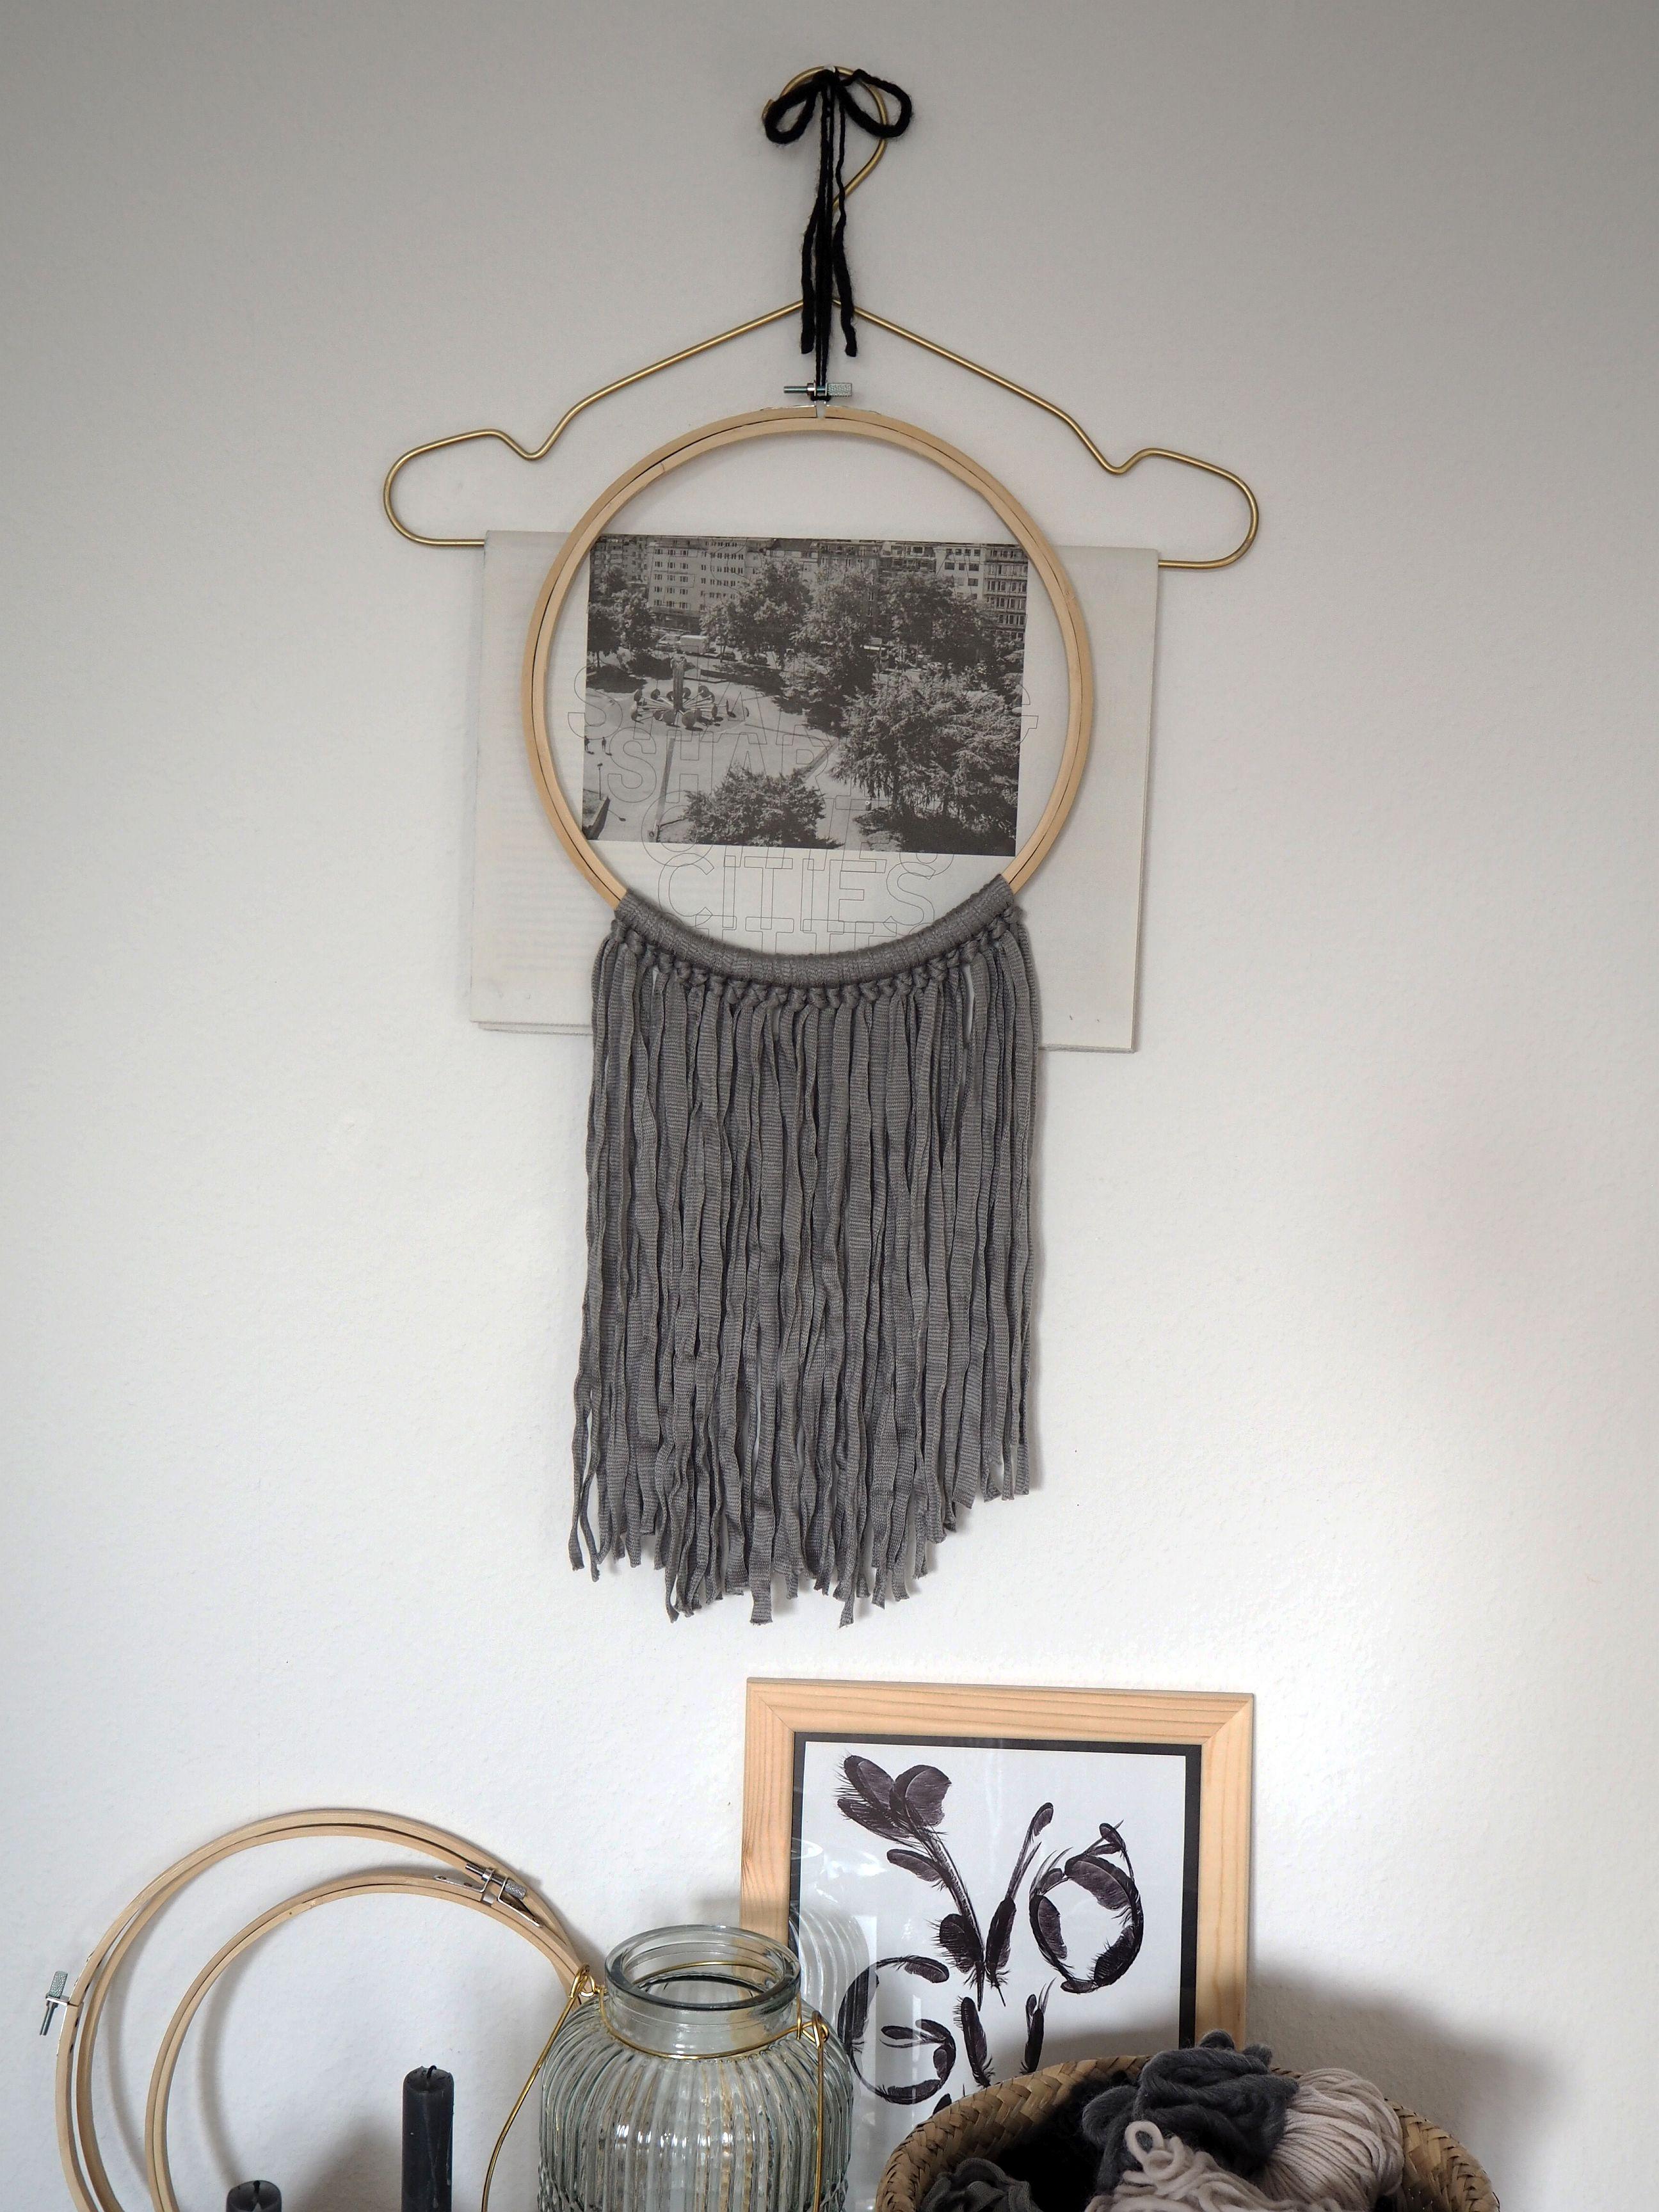 2018-01-skoen-och-kreativ-diy-interior-deko-wand-objekt-wall-hanging-skandi-stil (20)